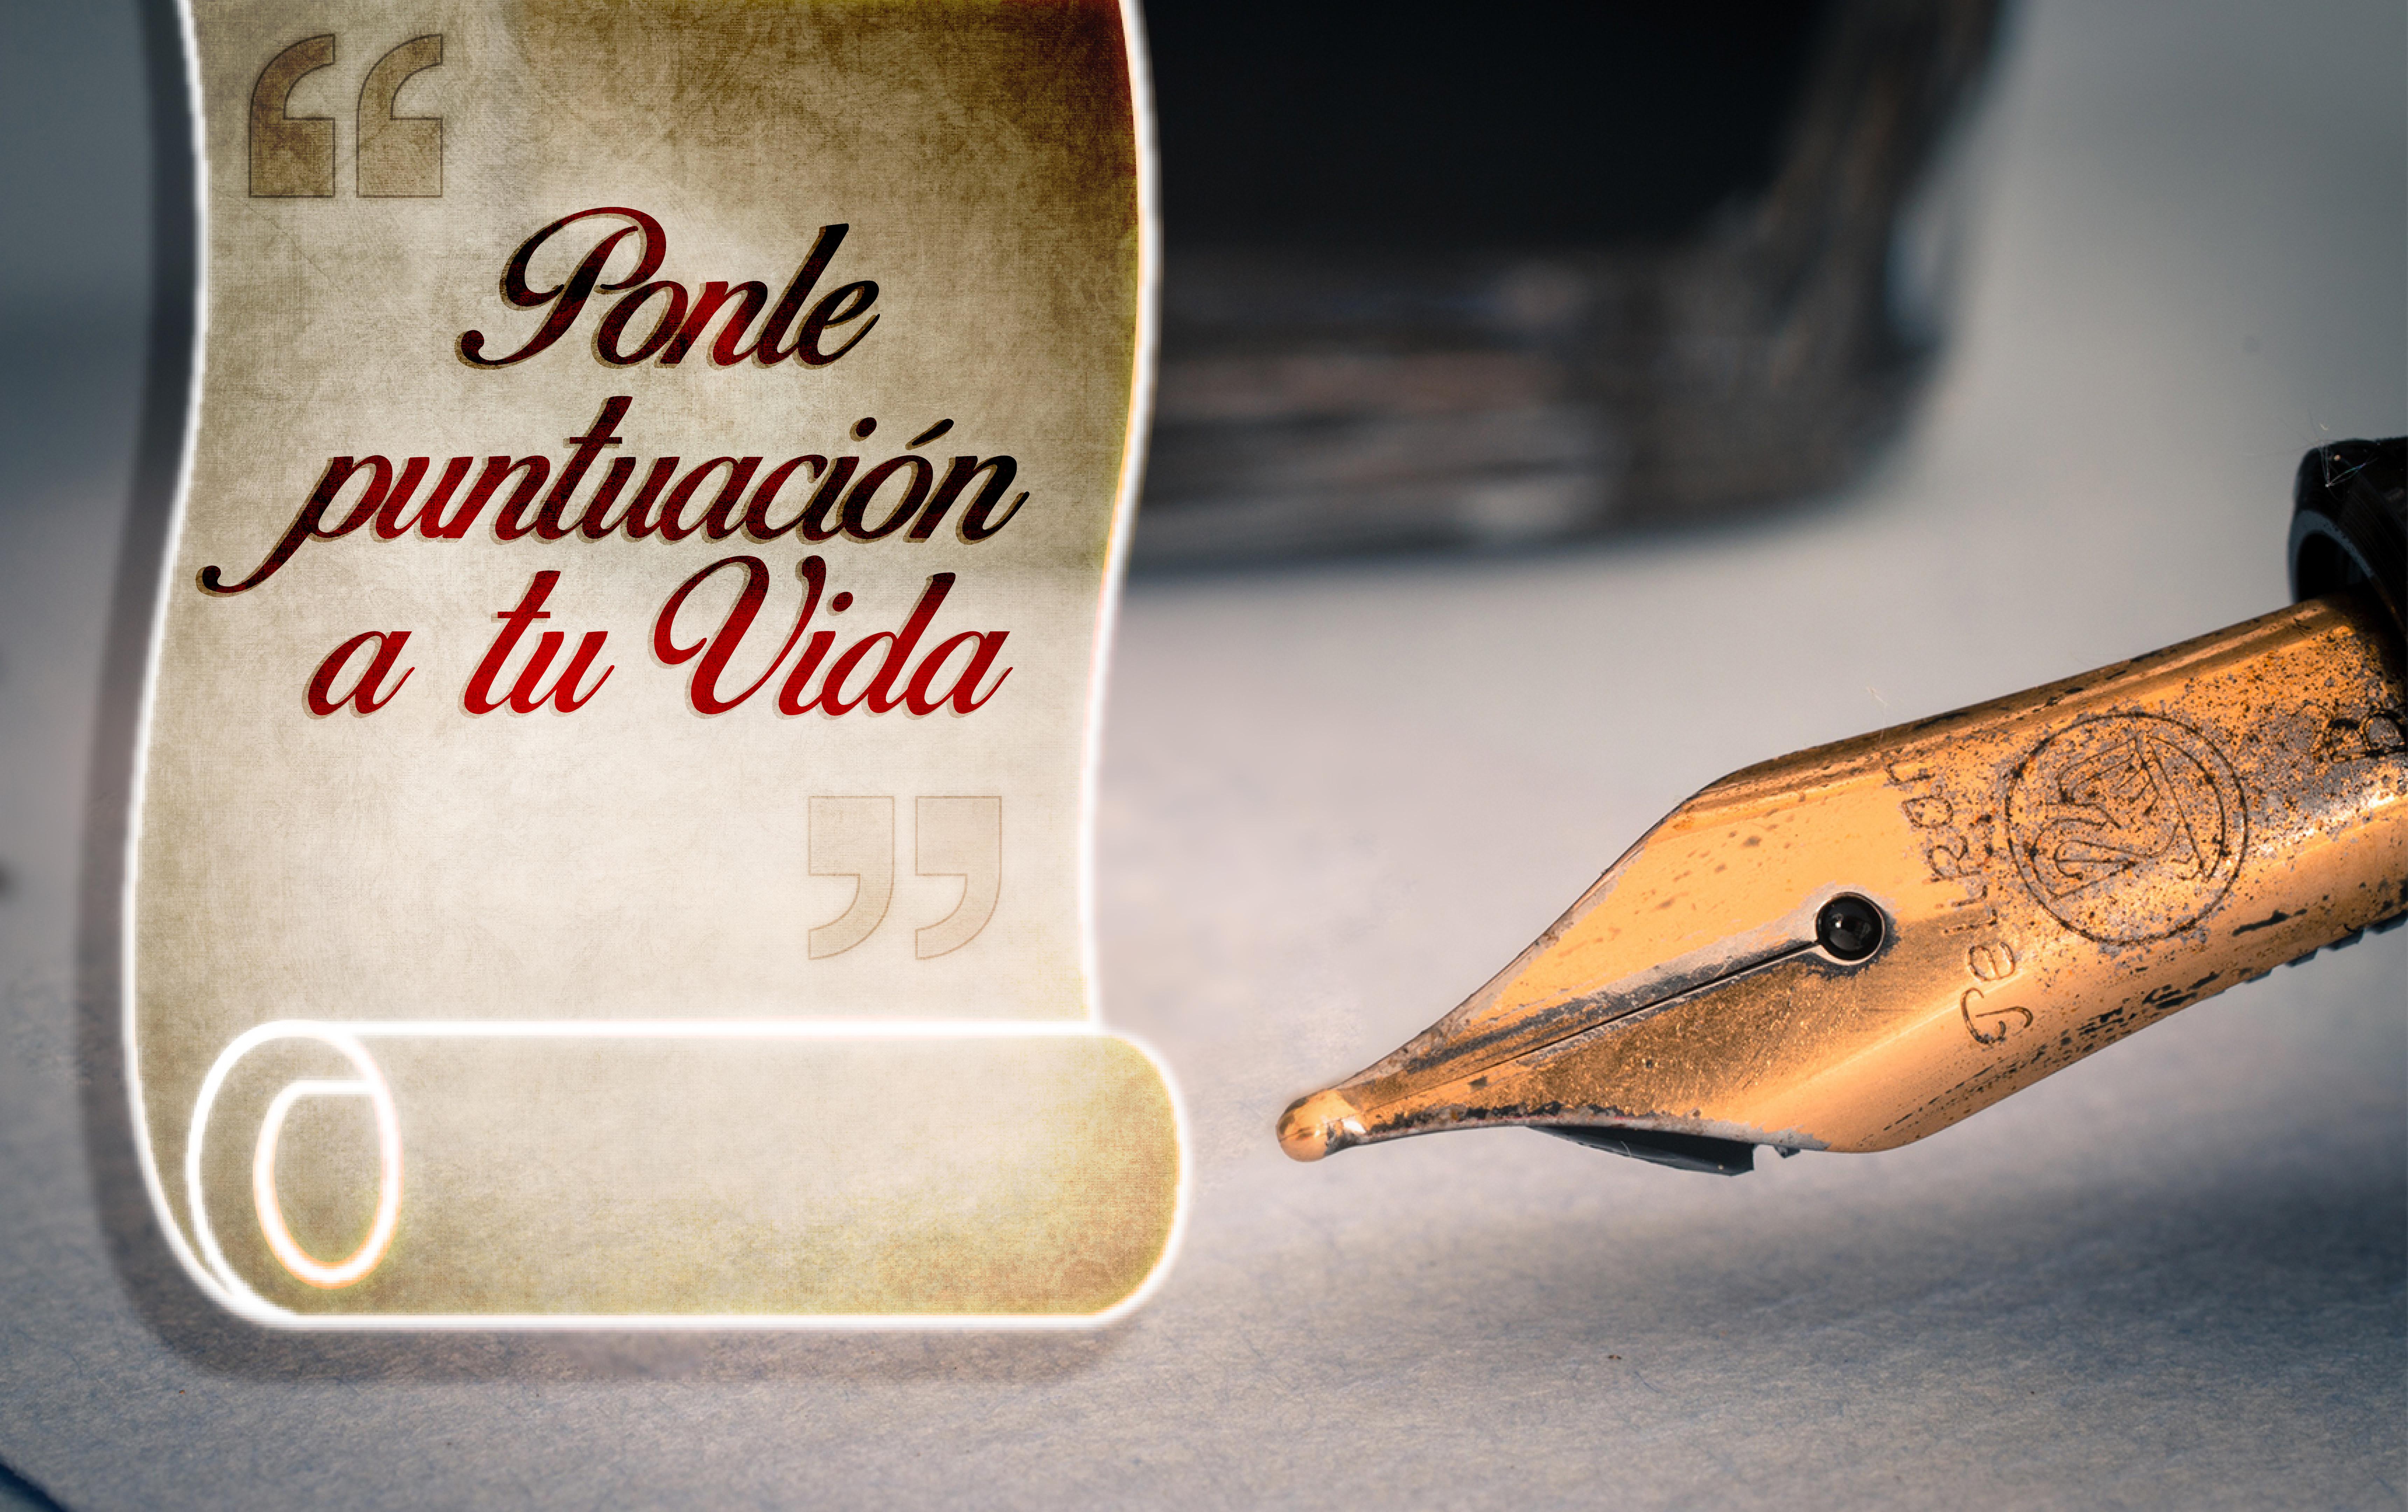 Ponle_puntuación_a_tu_Vida_Principal